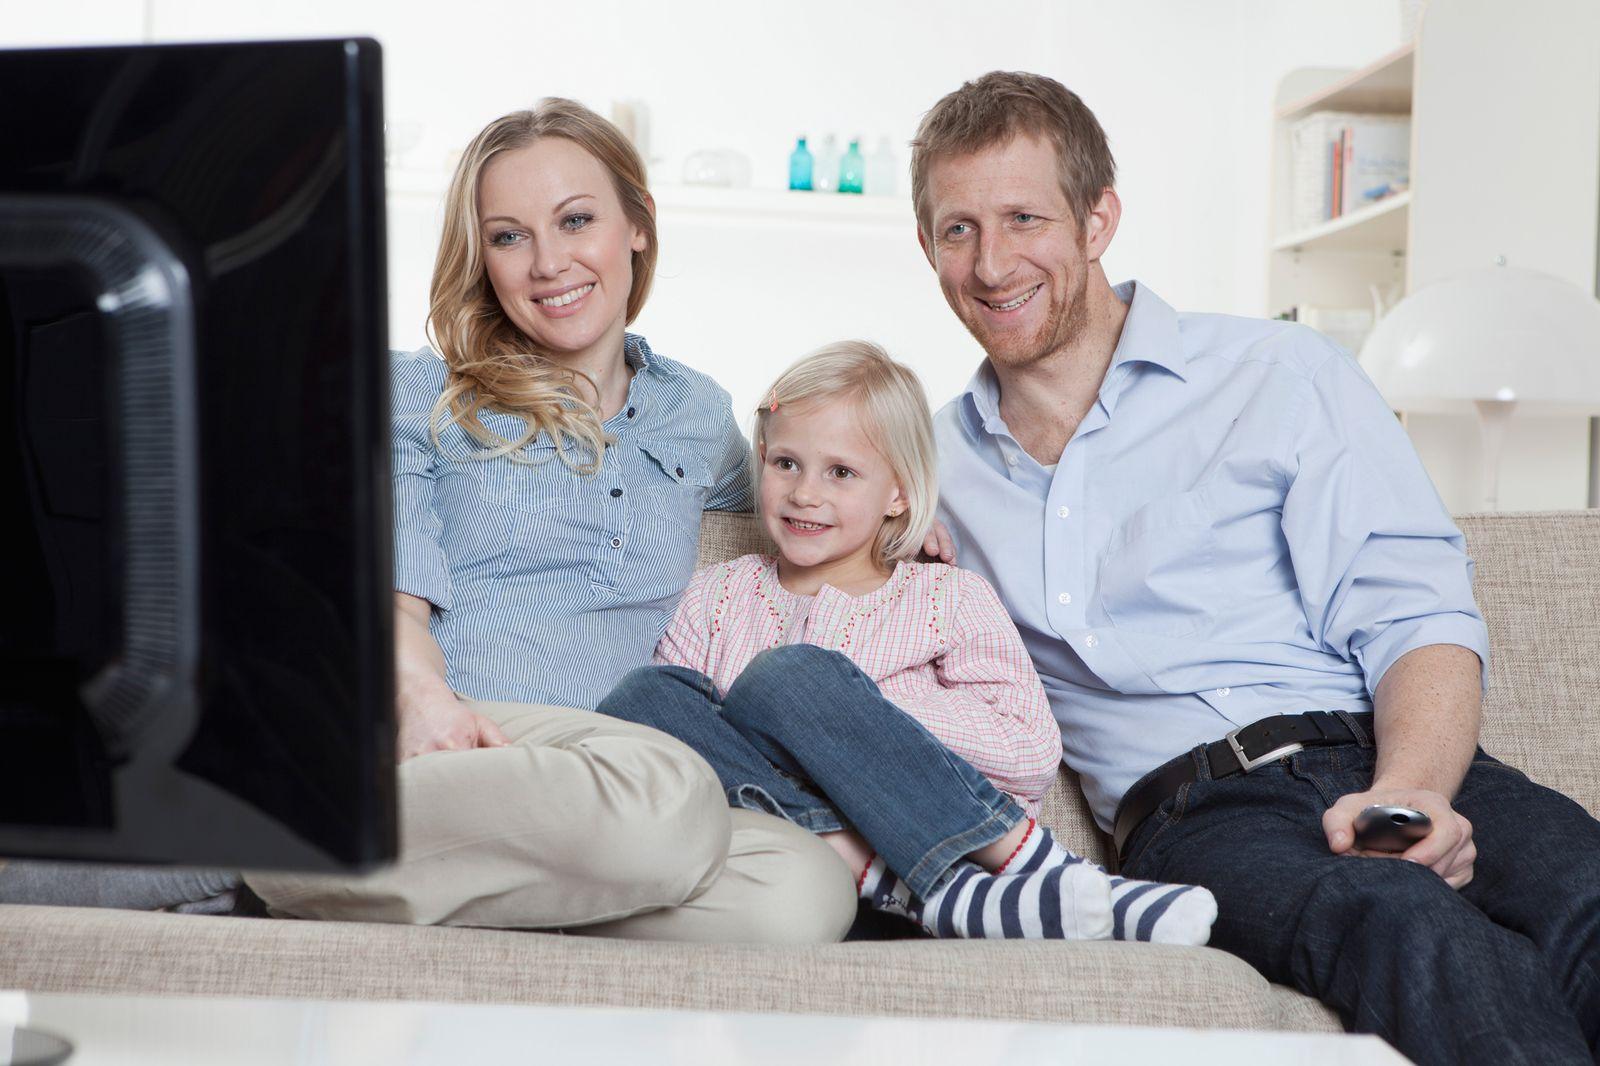 NICHT MEHR VERWENDEN! - Wissenschaft/ Familie/ Fernsehen